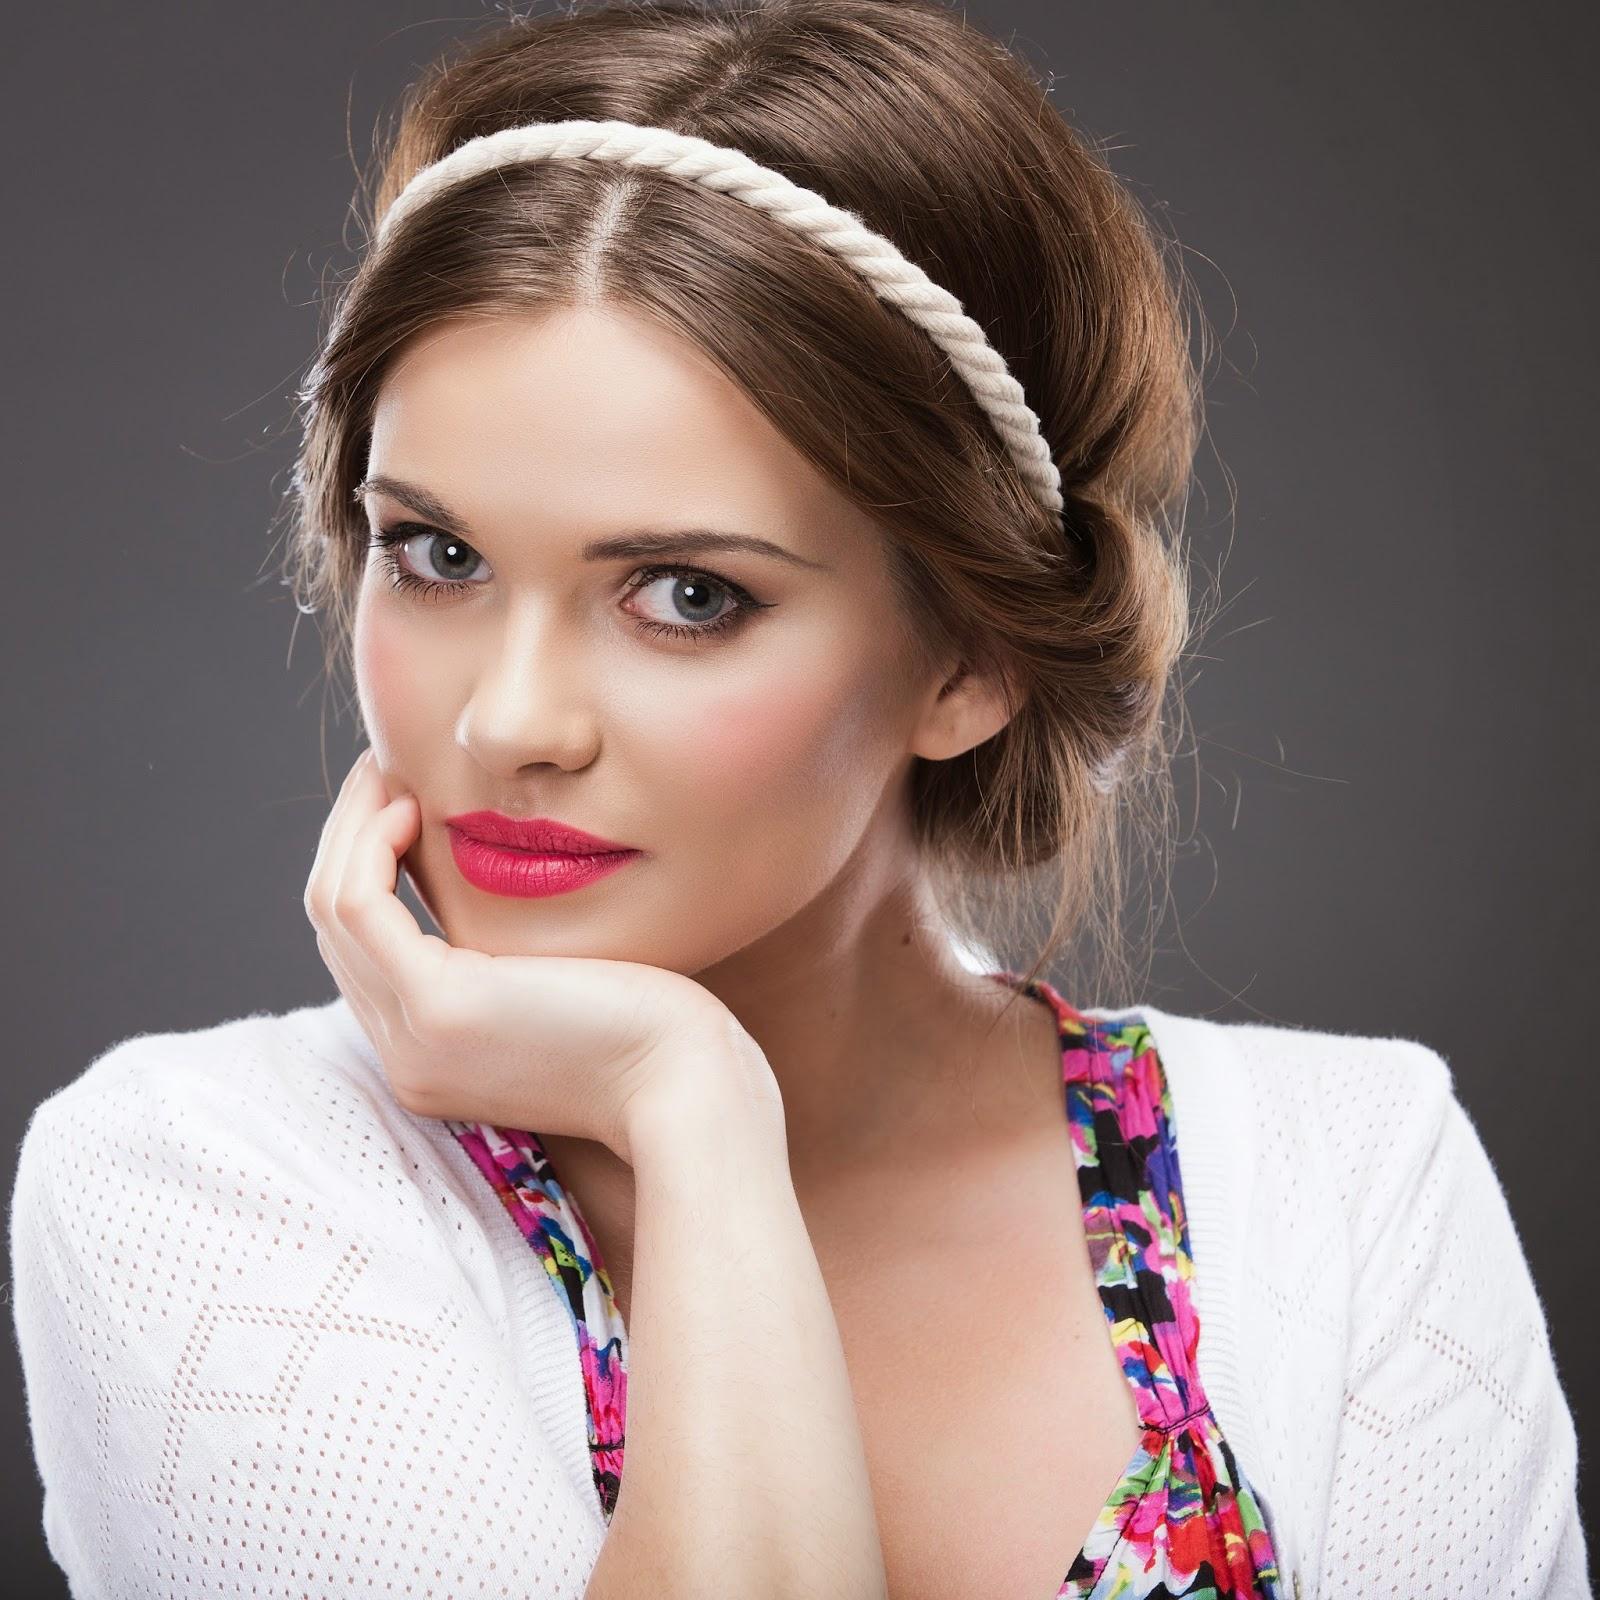 Греческие прически с повязкой и ободком - фото новинки